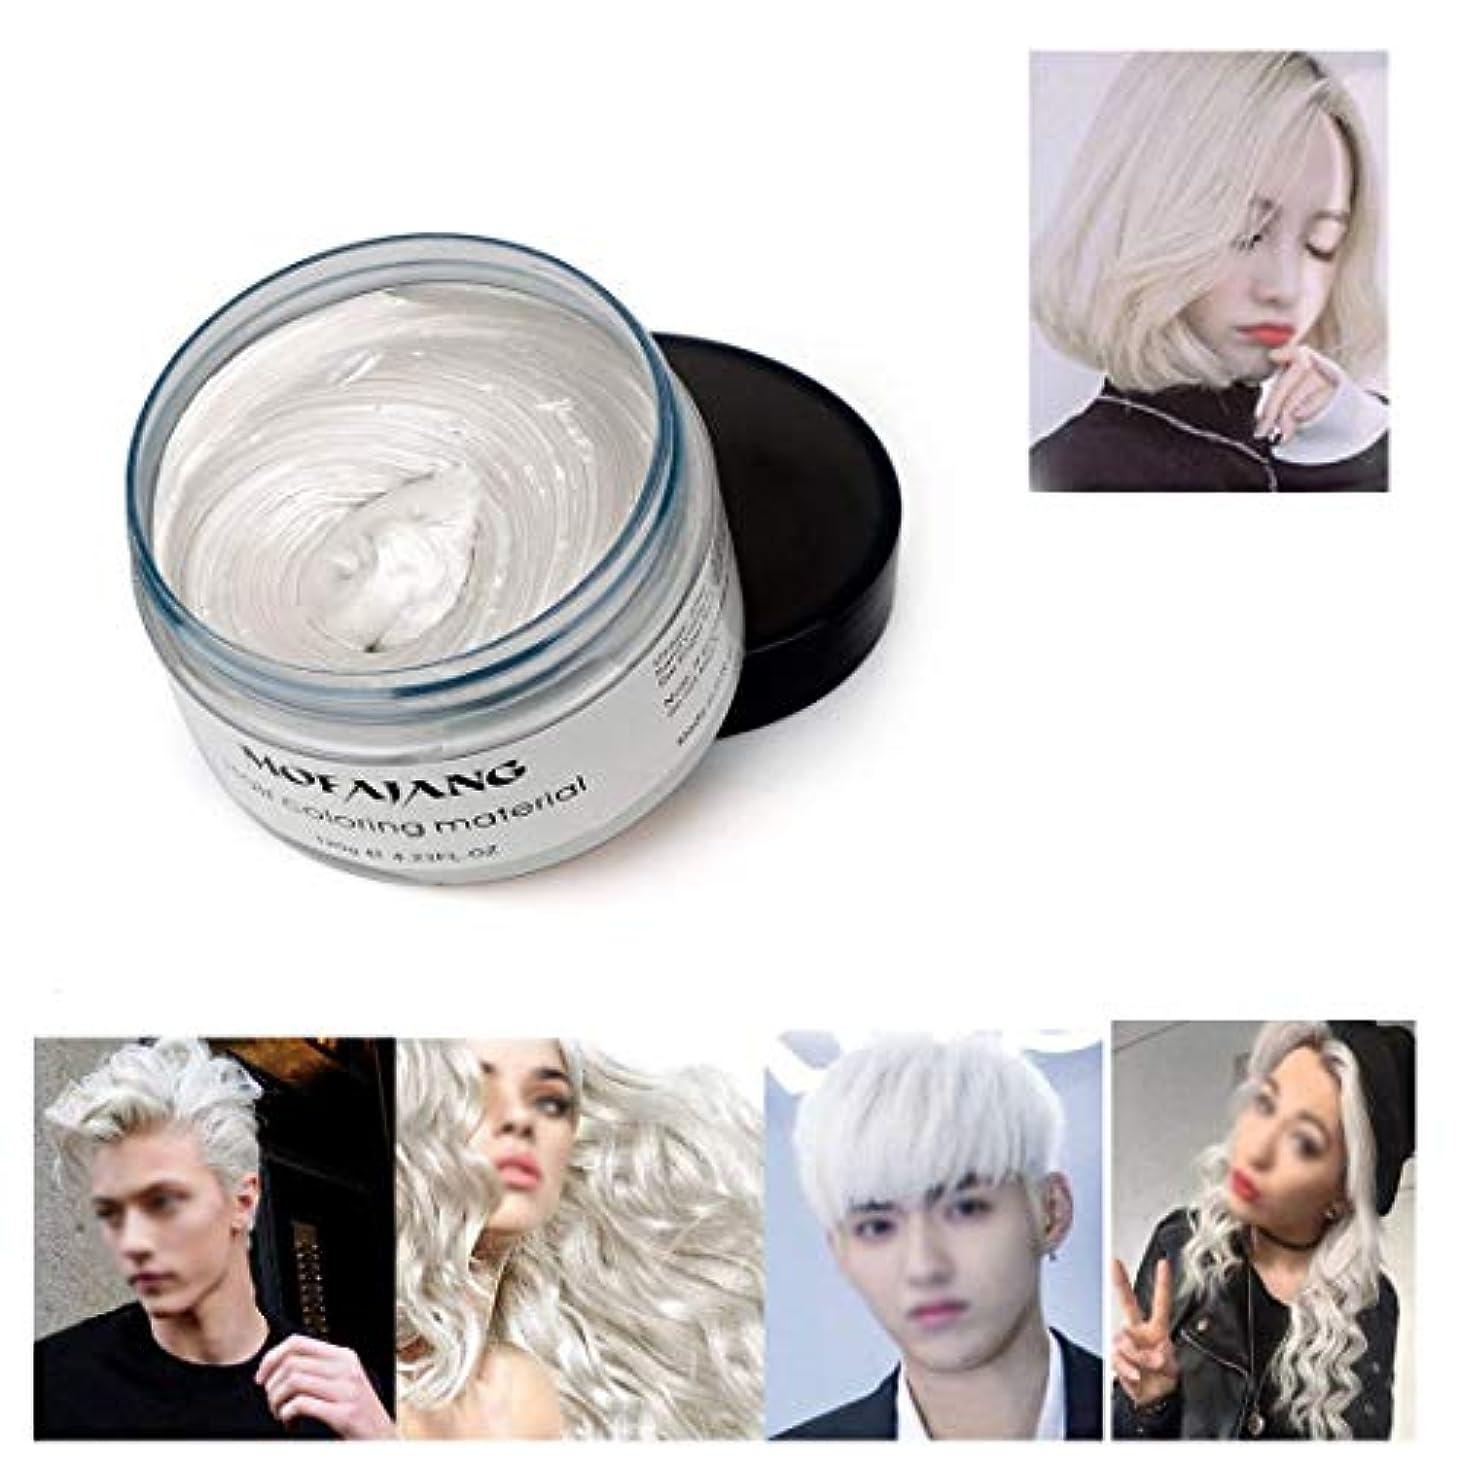 割合説得熱帯の髪色ワックス,一度だけ一時的に自然色染料ヘアワックスをモデリング,パーティーのための自然なマット髪型。コスプレ、仮装、ナイトクラブ、ハロウィーン (ホワイト)